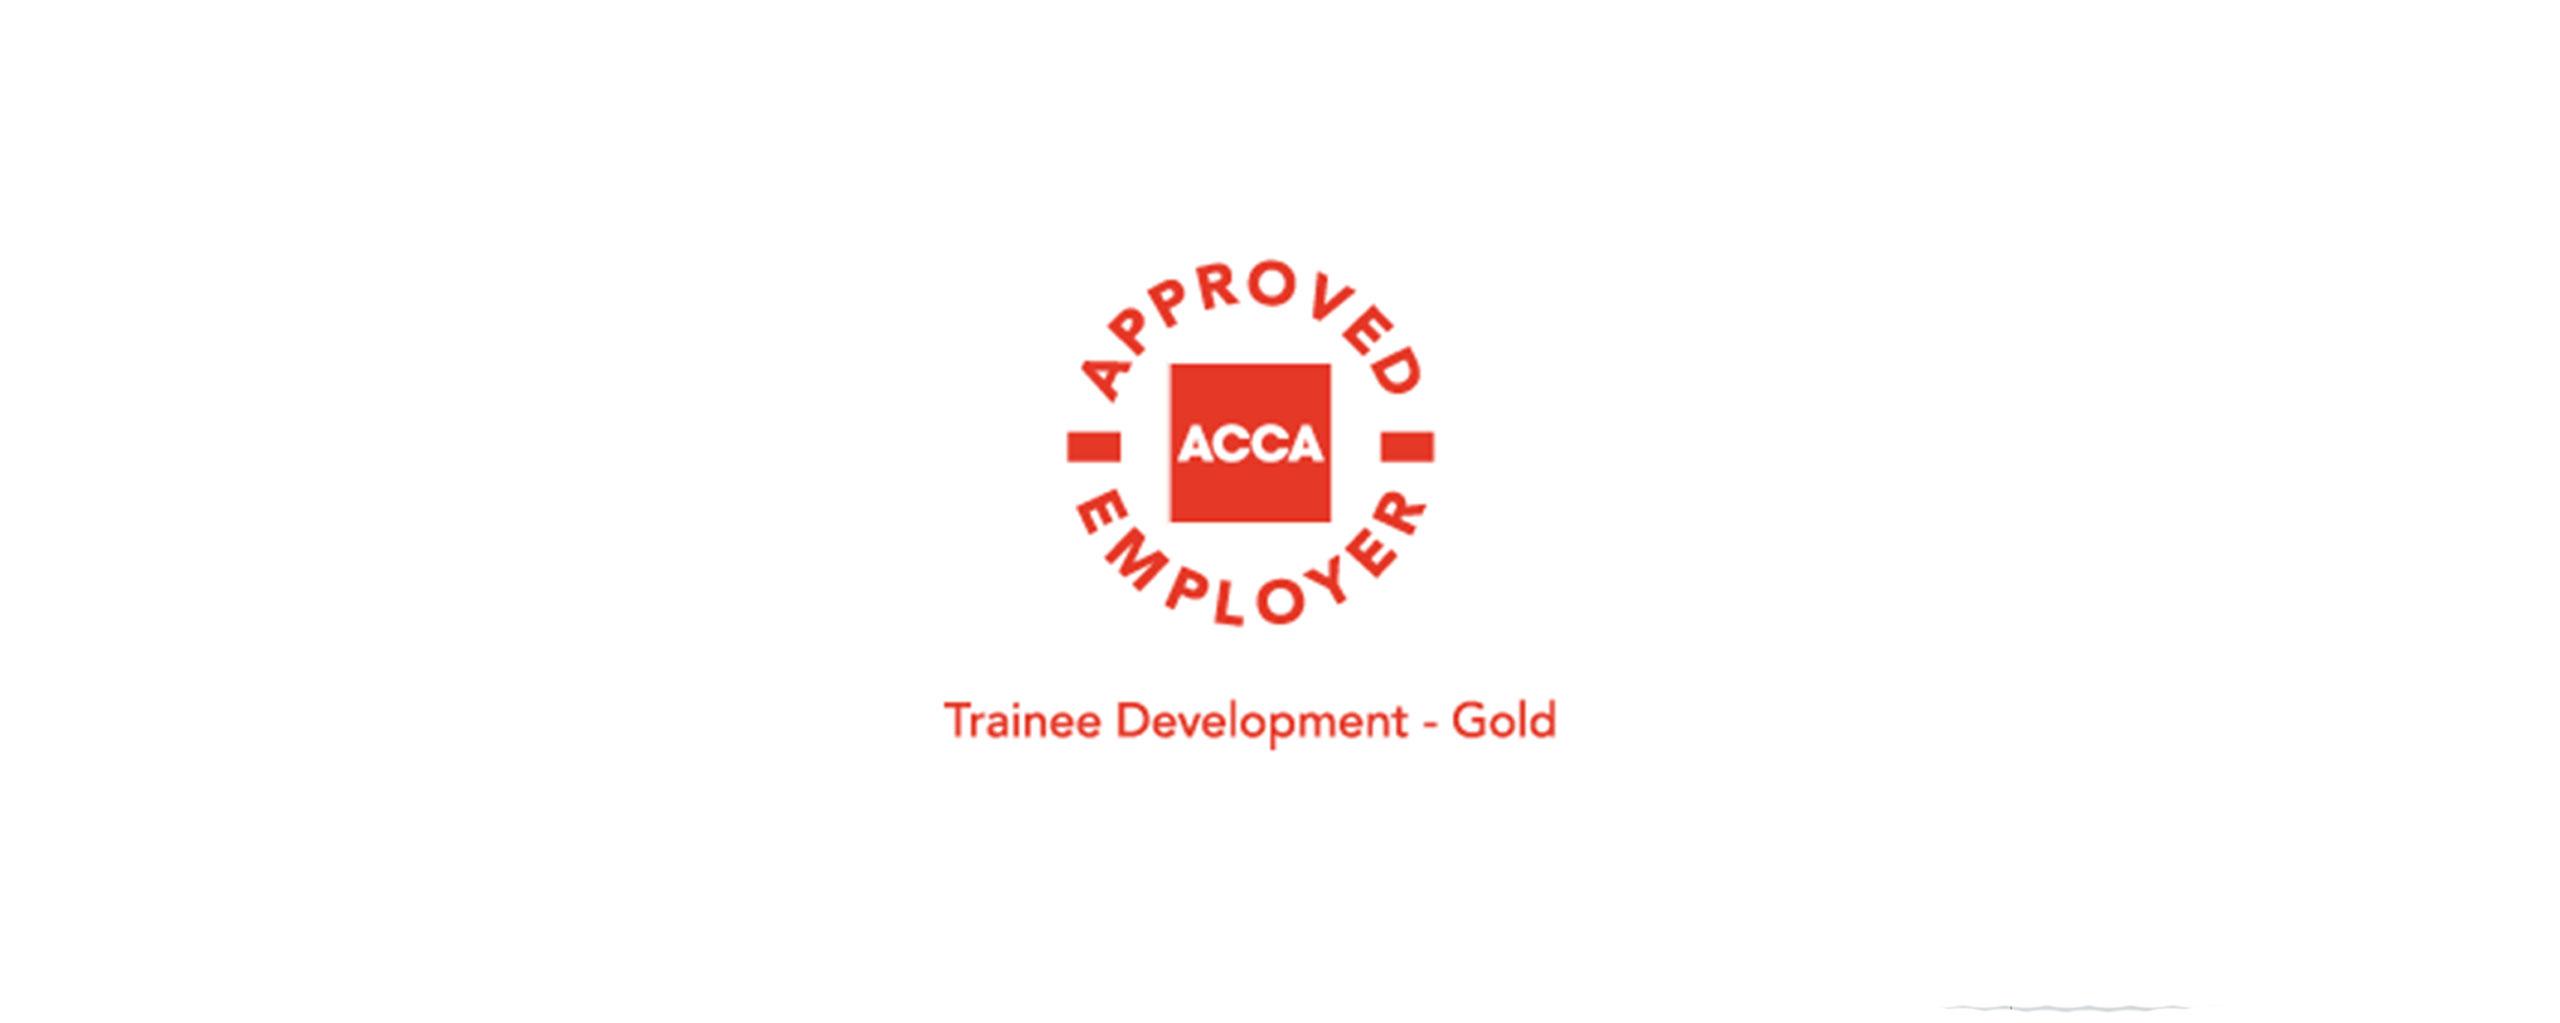 موسسه مورد تائید انجمن حسابداران خبره رسمی انگلستان ACCA